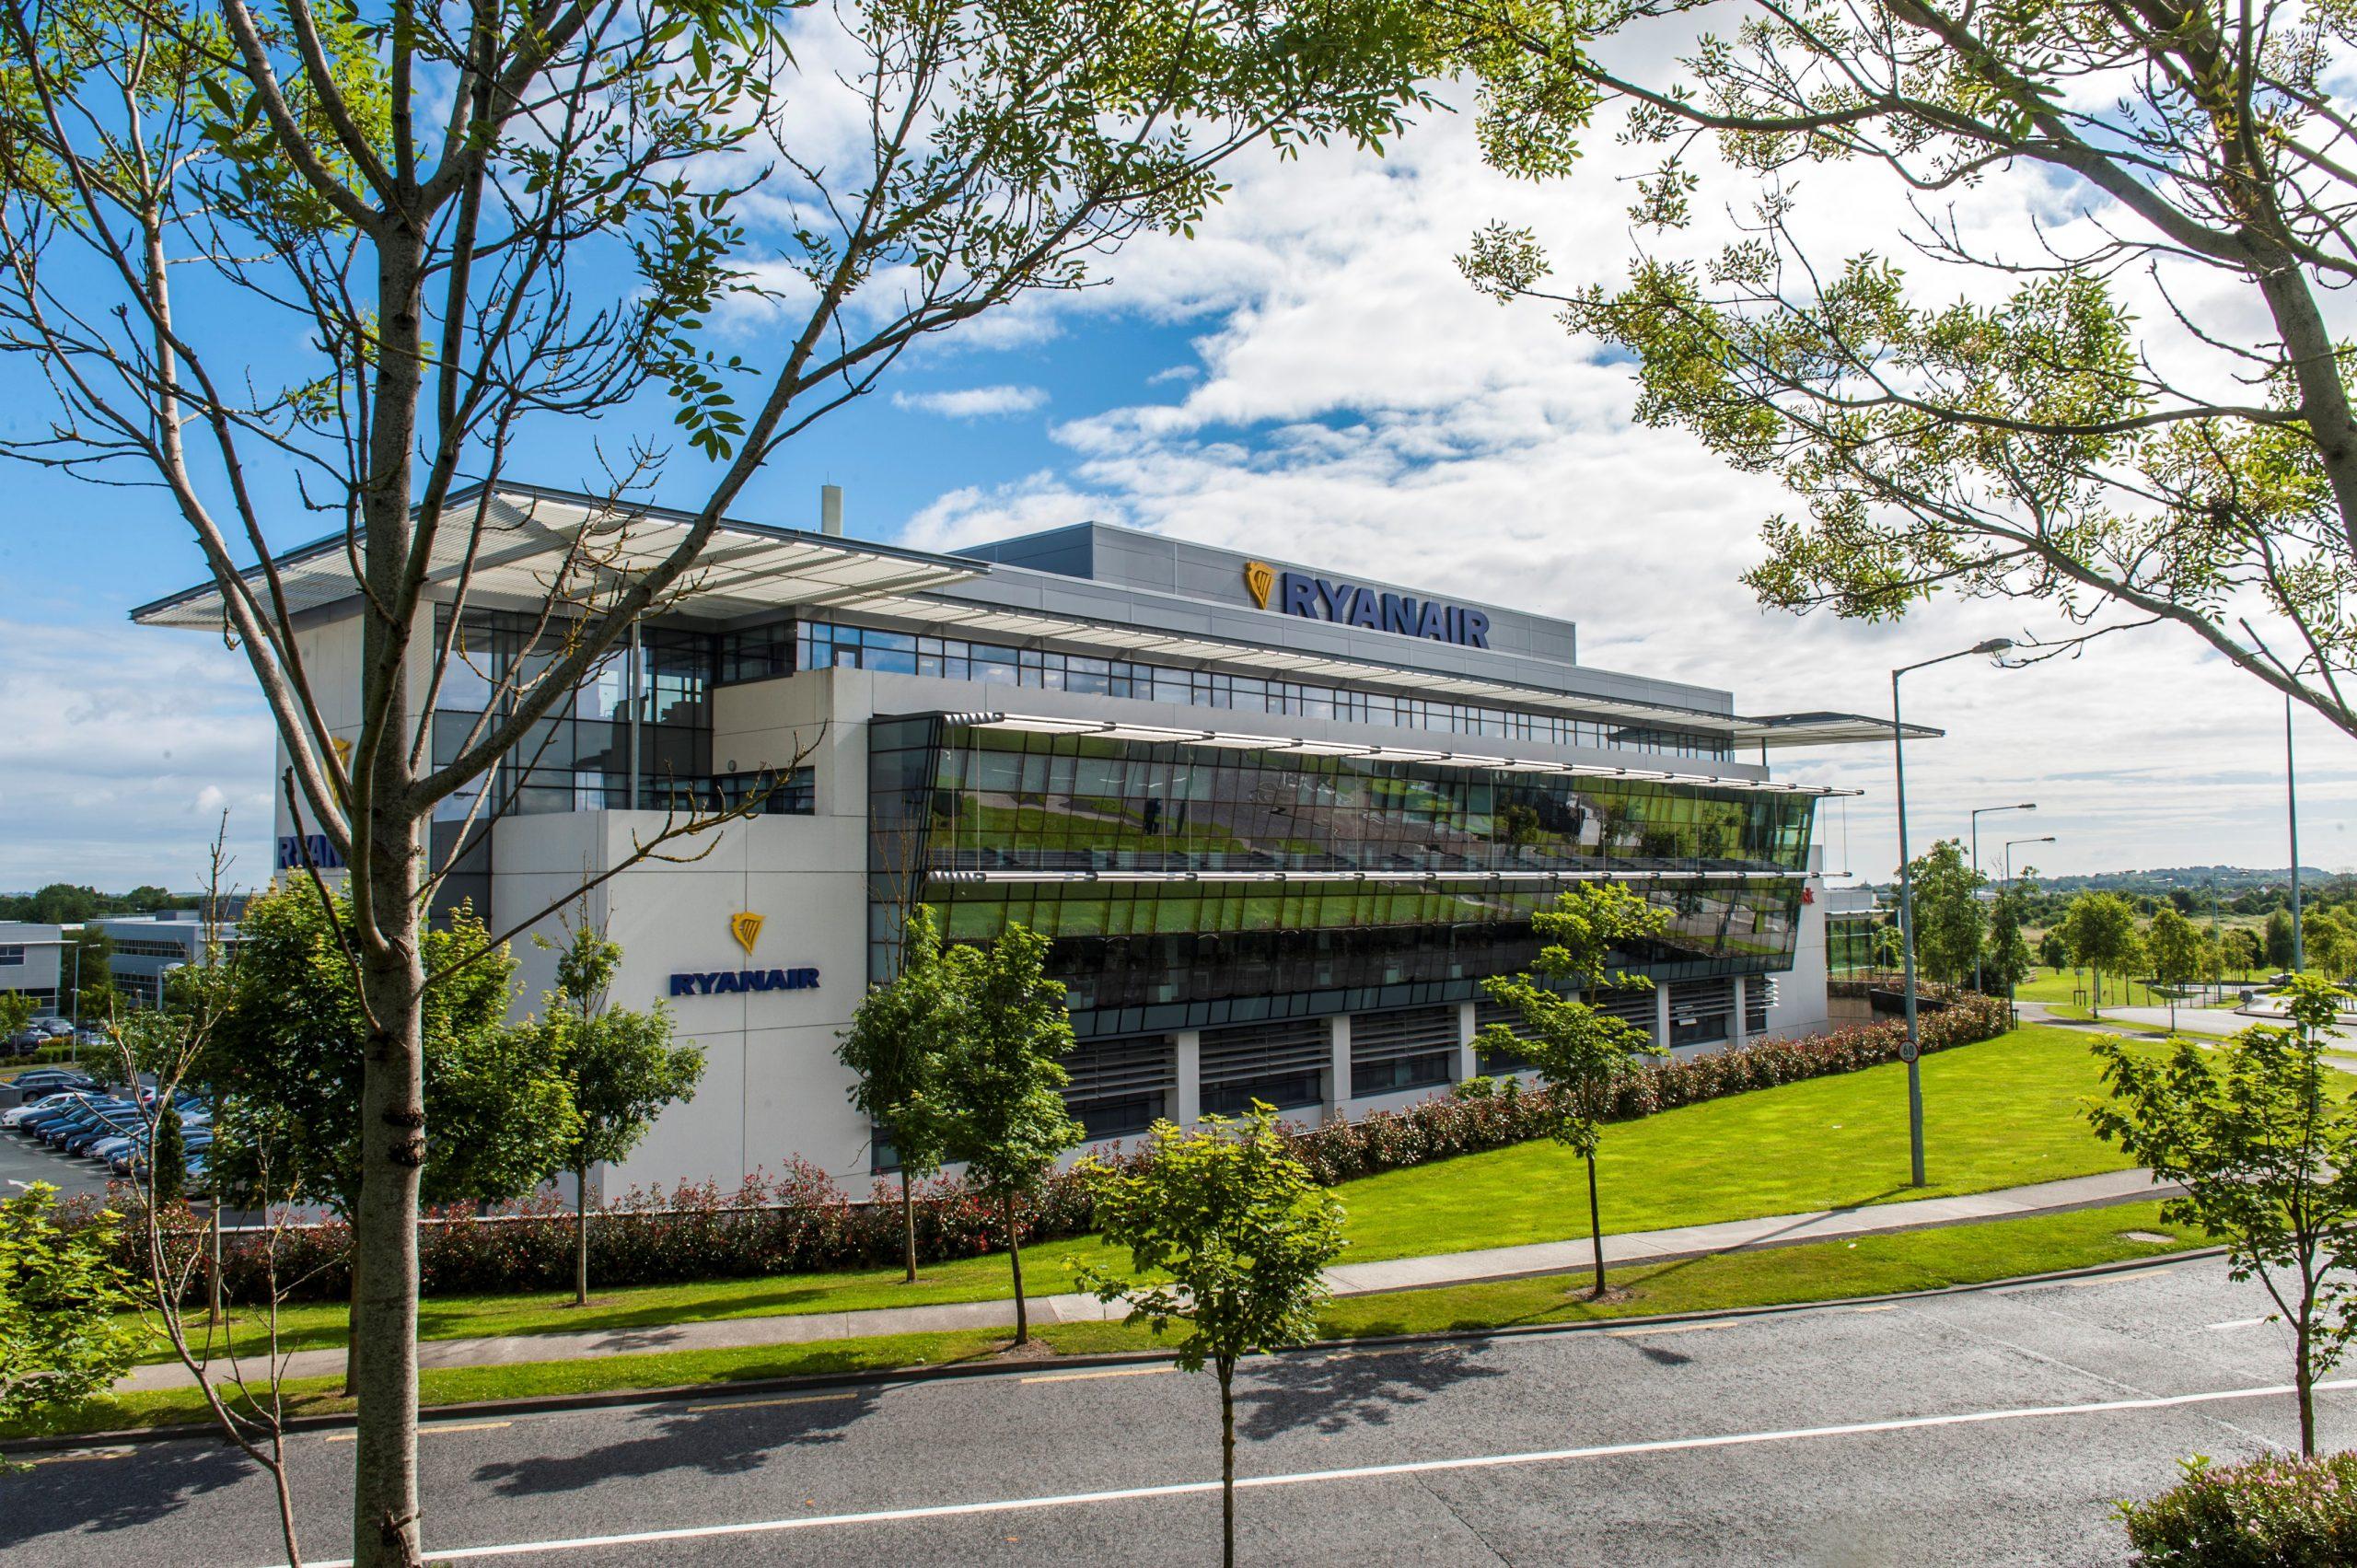 Kundepanelet mødes første gang på Ryanairs kontor i Dublin. (Foto: Ryanair)